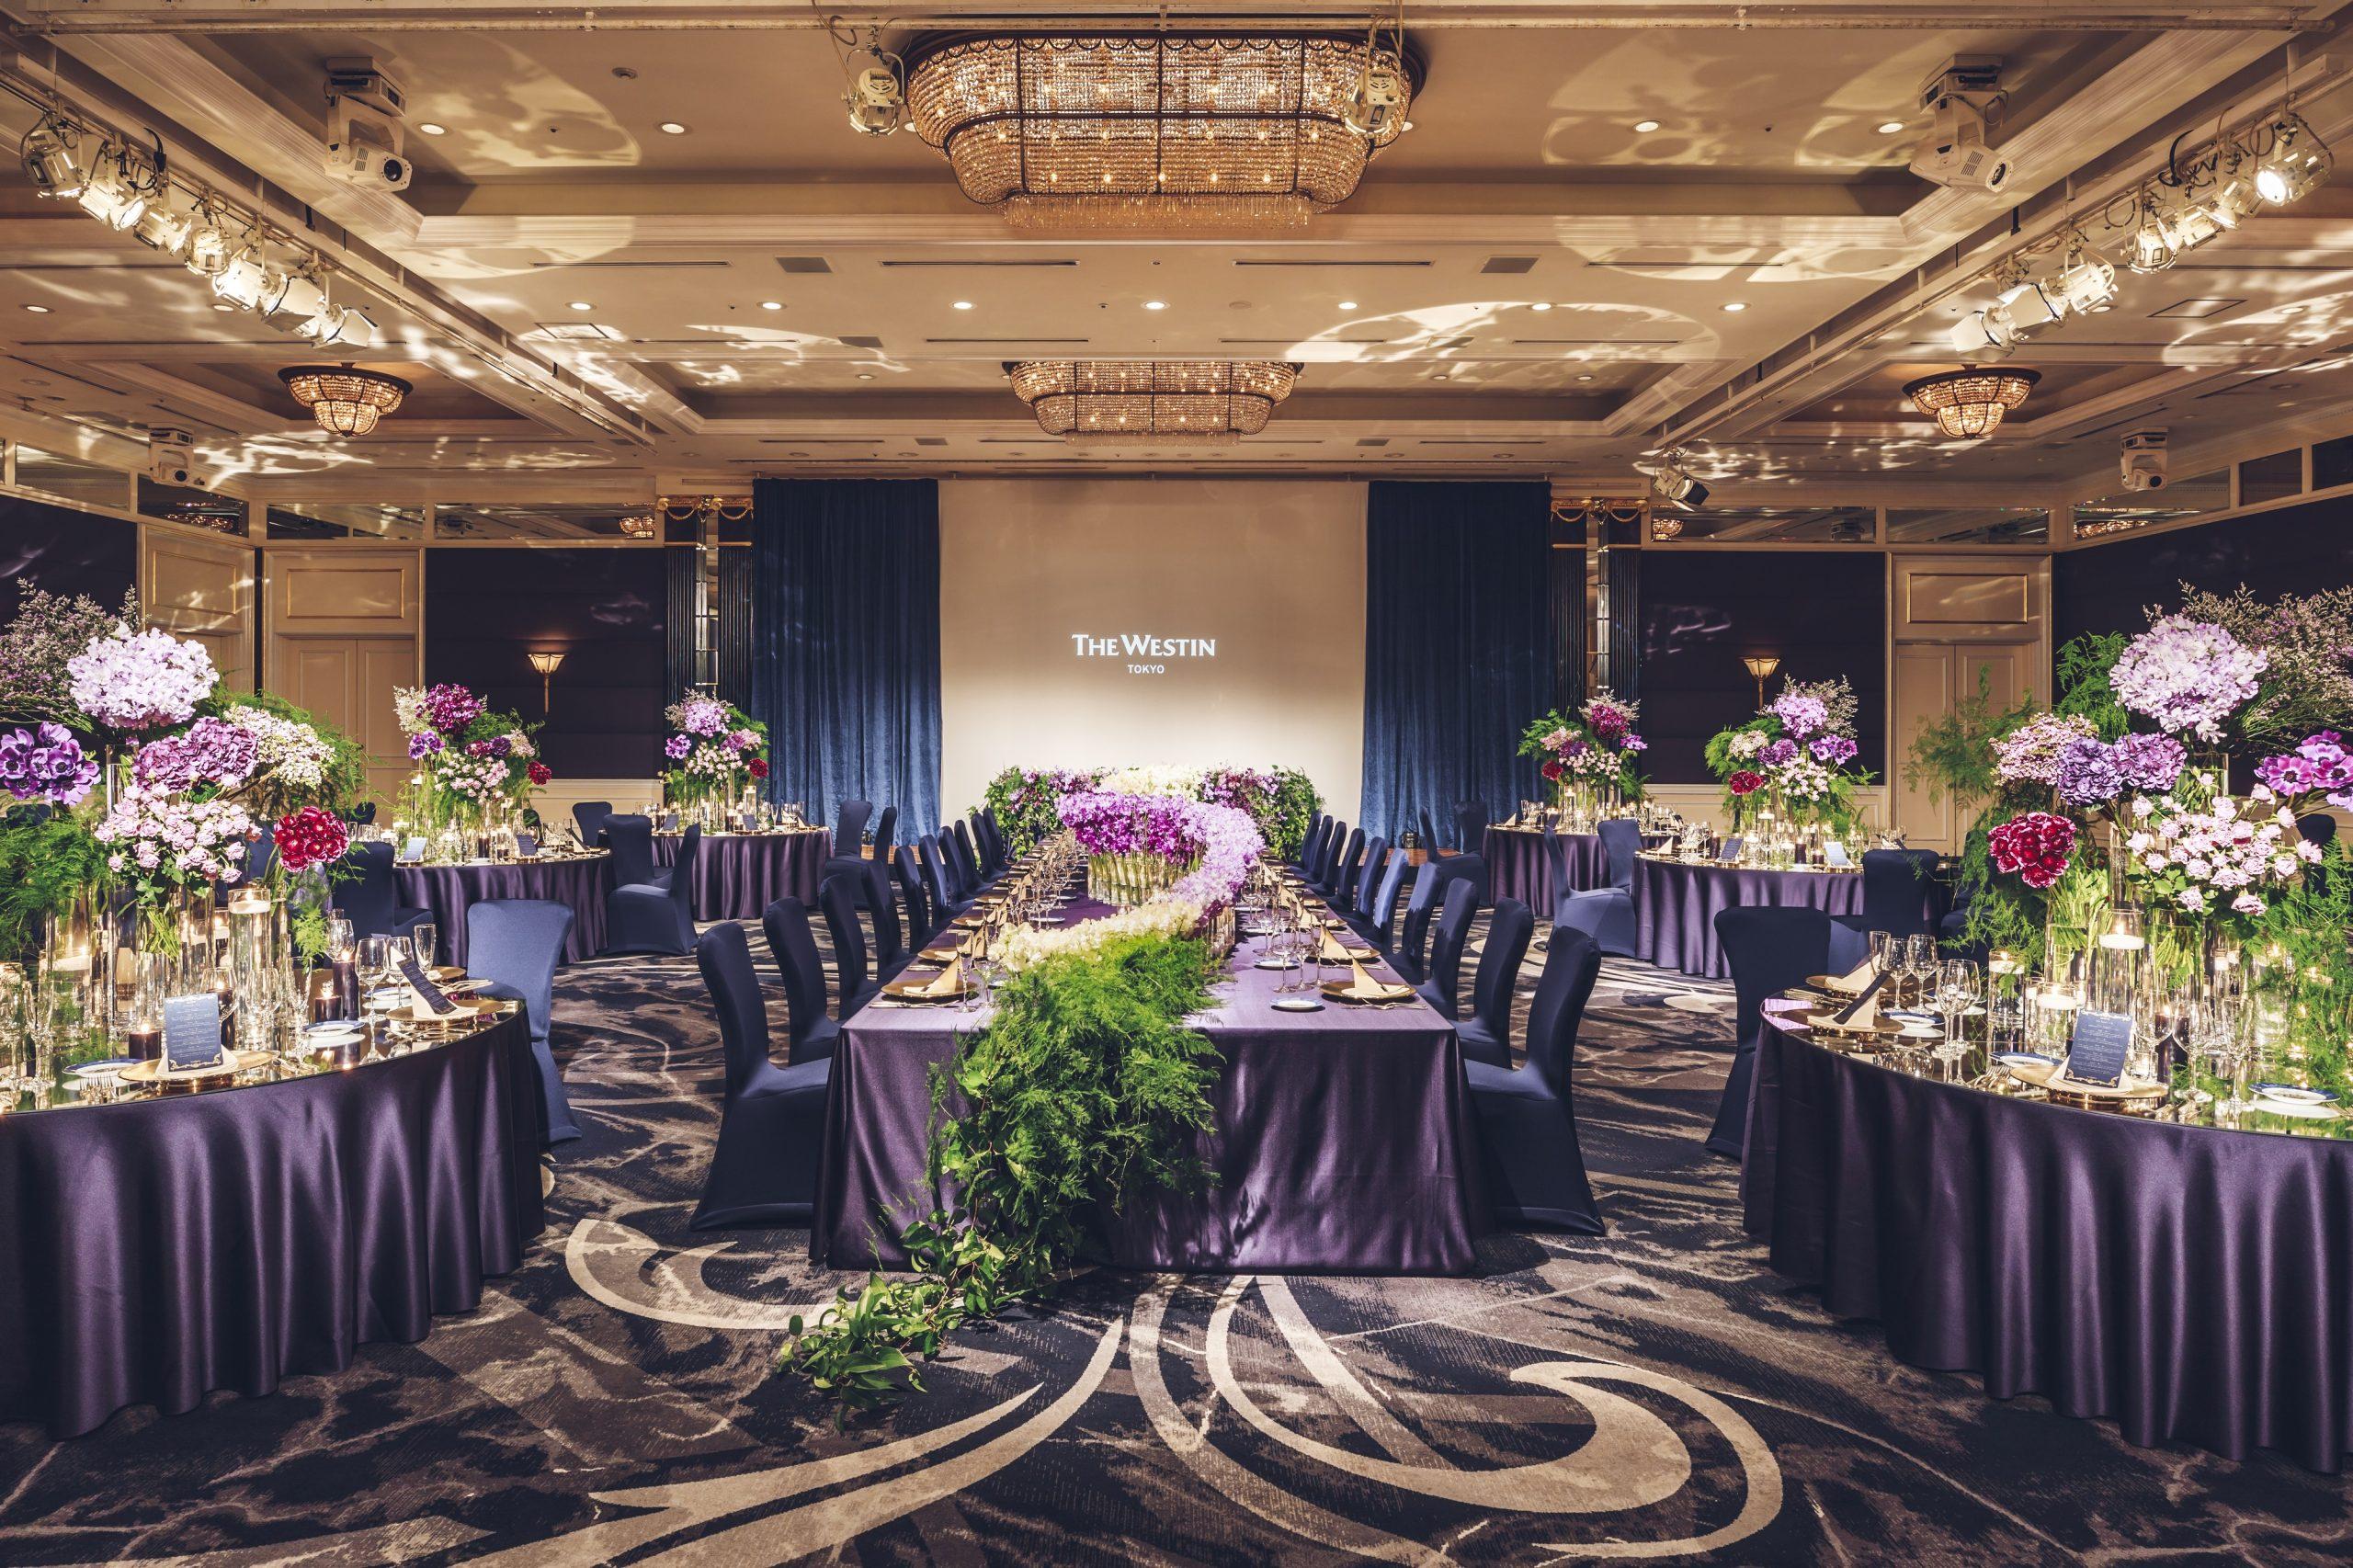 ウェスティンホテル東京のメインバンケット 80~480名でご利用いただける「ギャラクシーボールルーム」